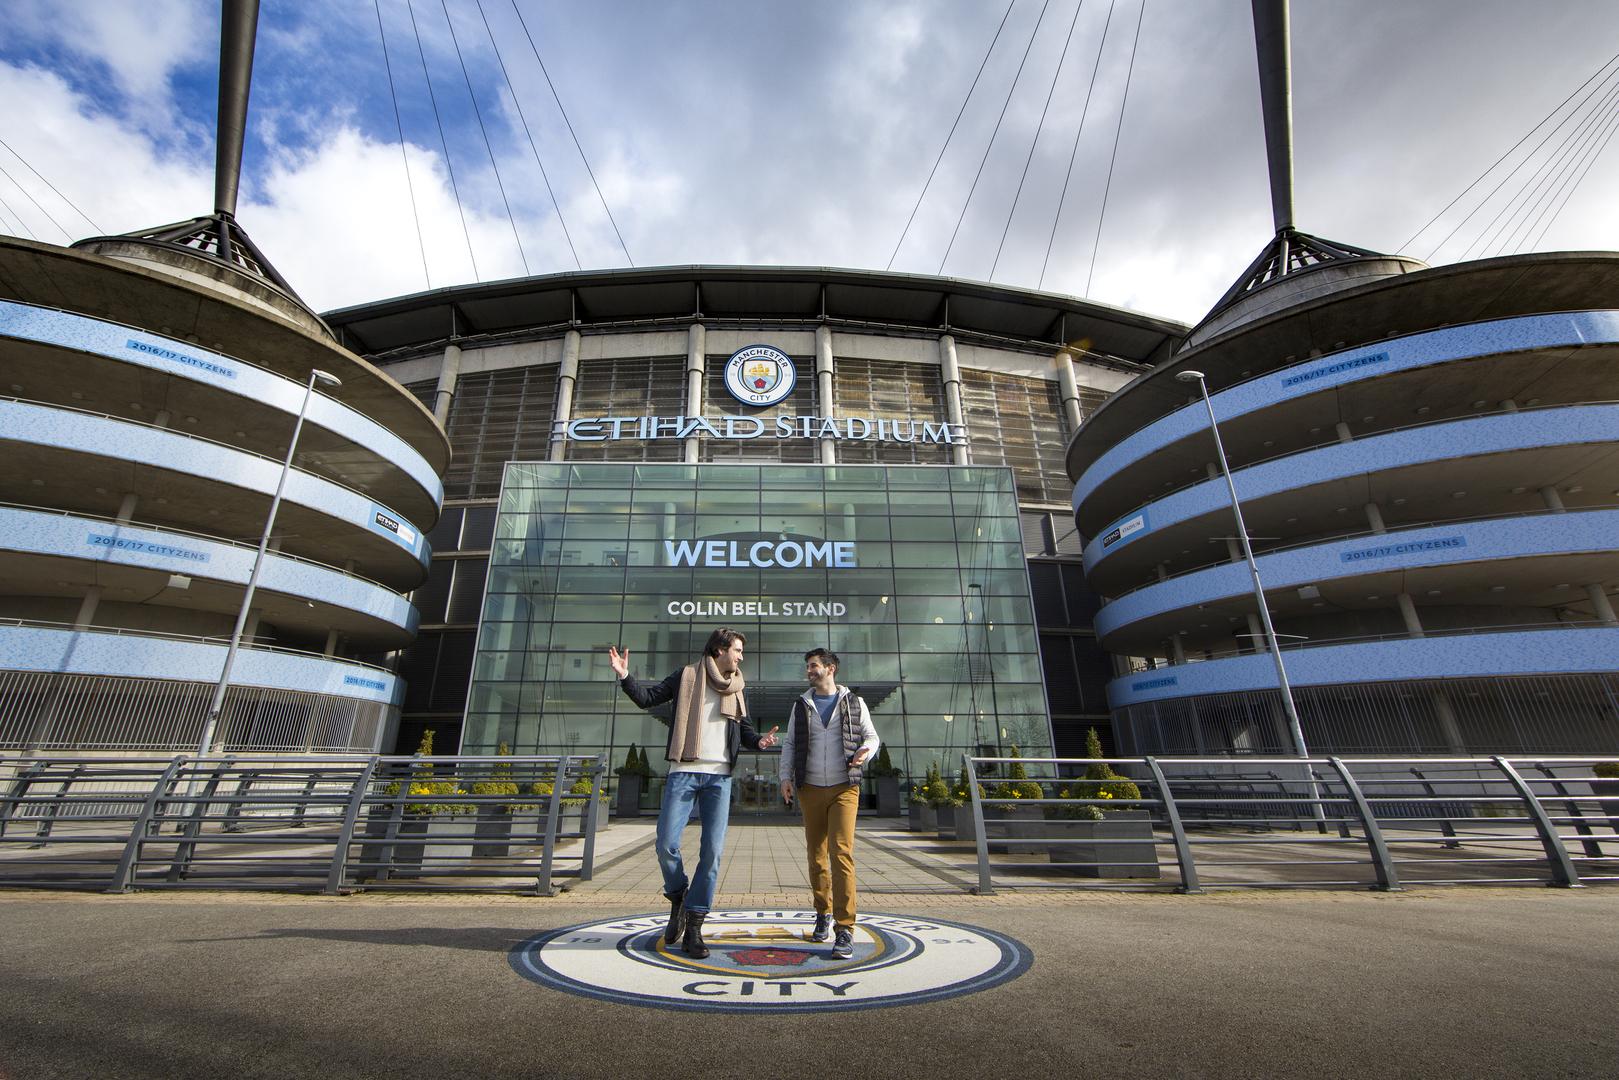 O Etihad Stadium, na cidade de Manchester, é uma atração para os apaixonados pelo futebol